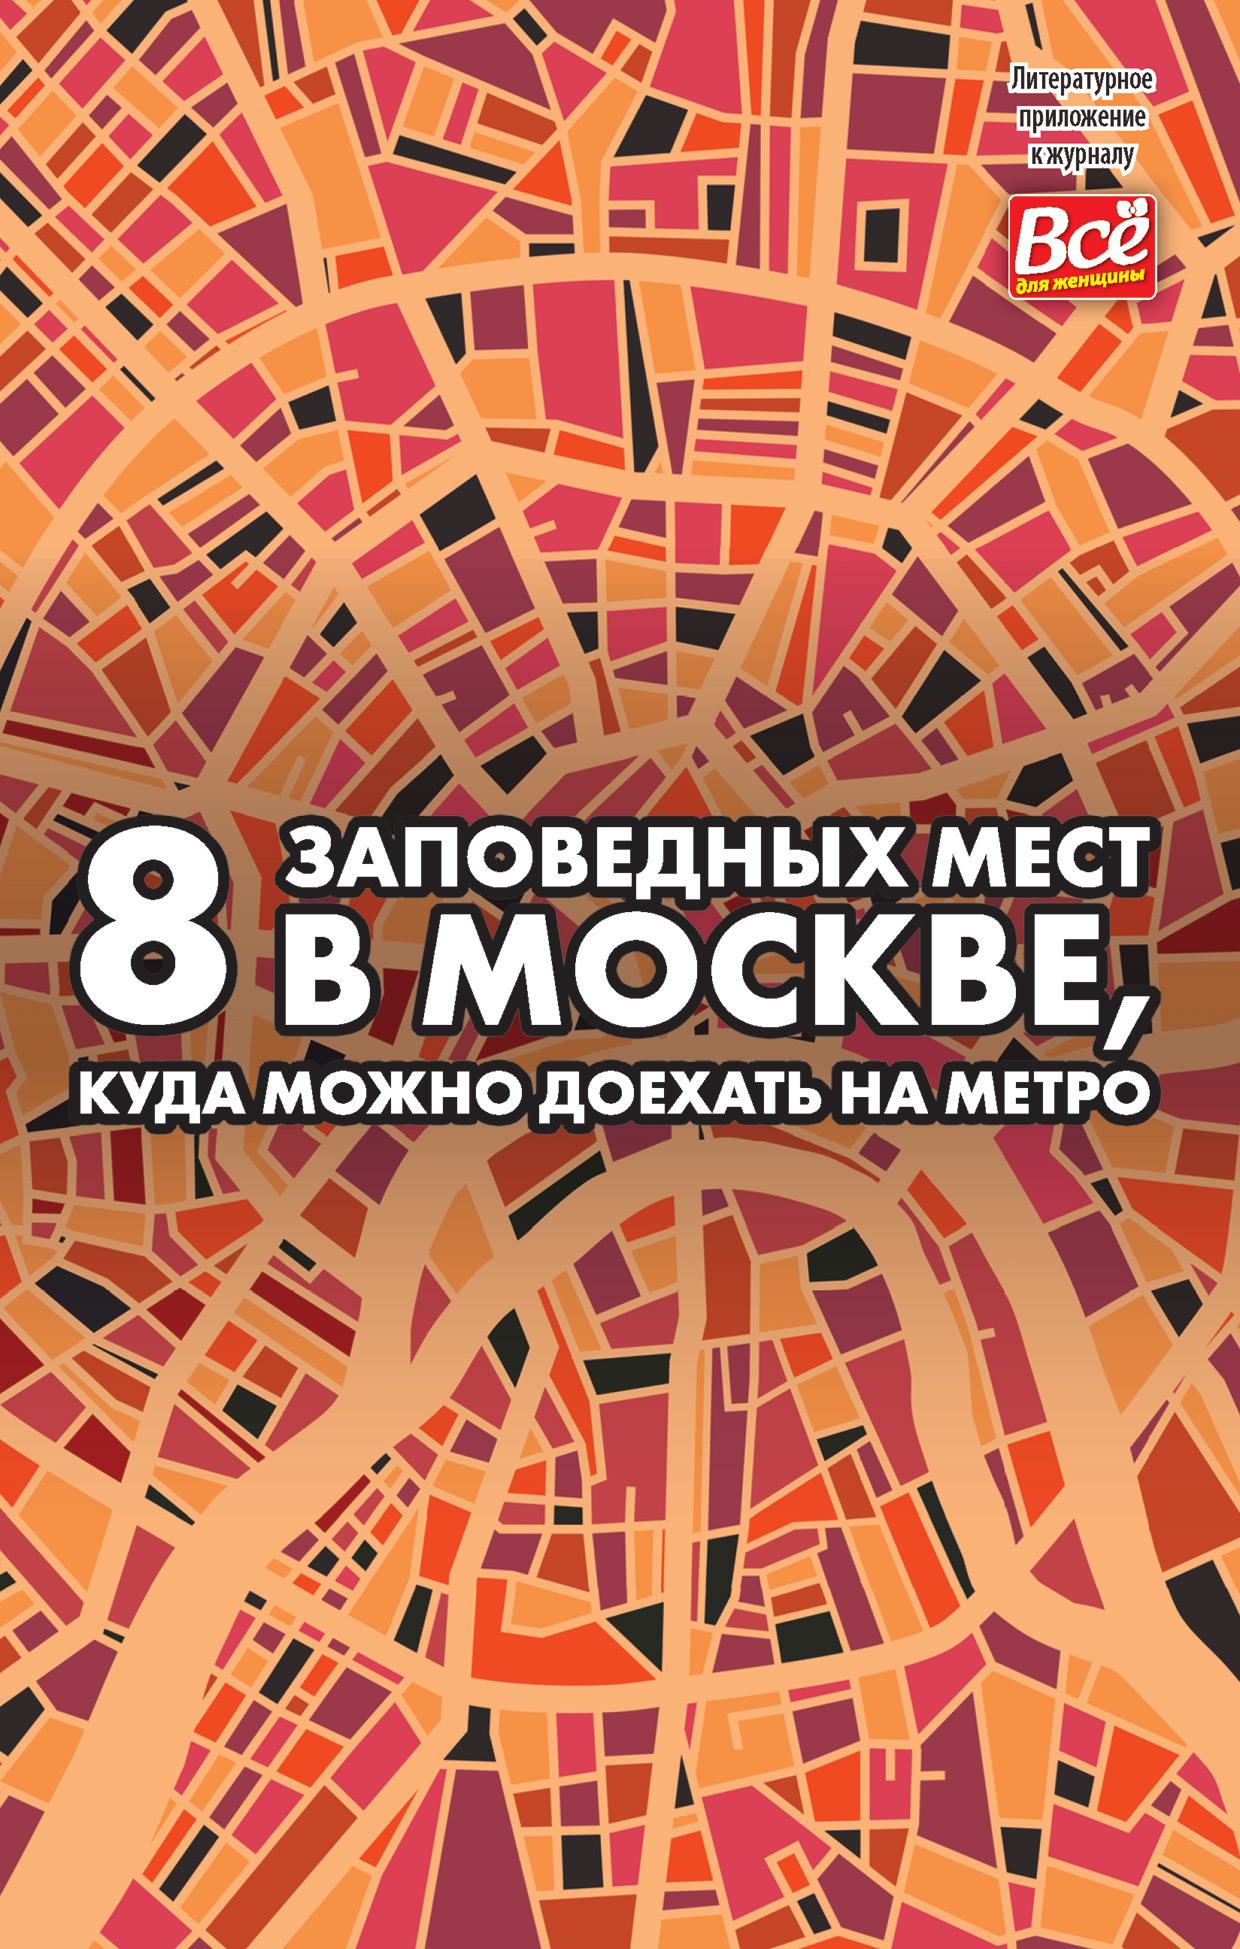 8 заповедных мест в Москве, куда можно доехать на метро